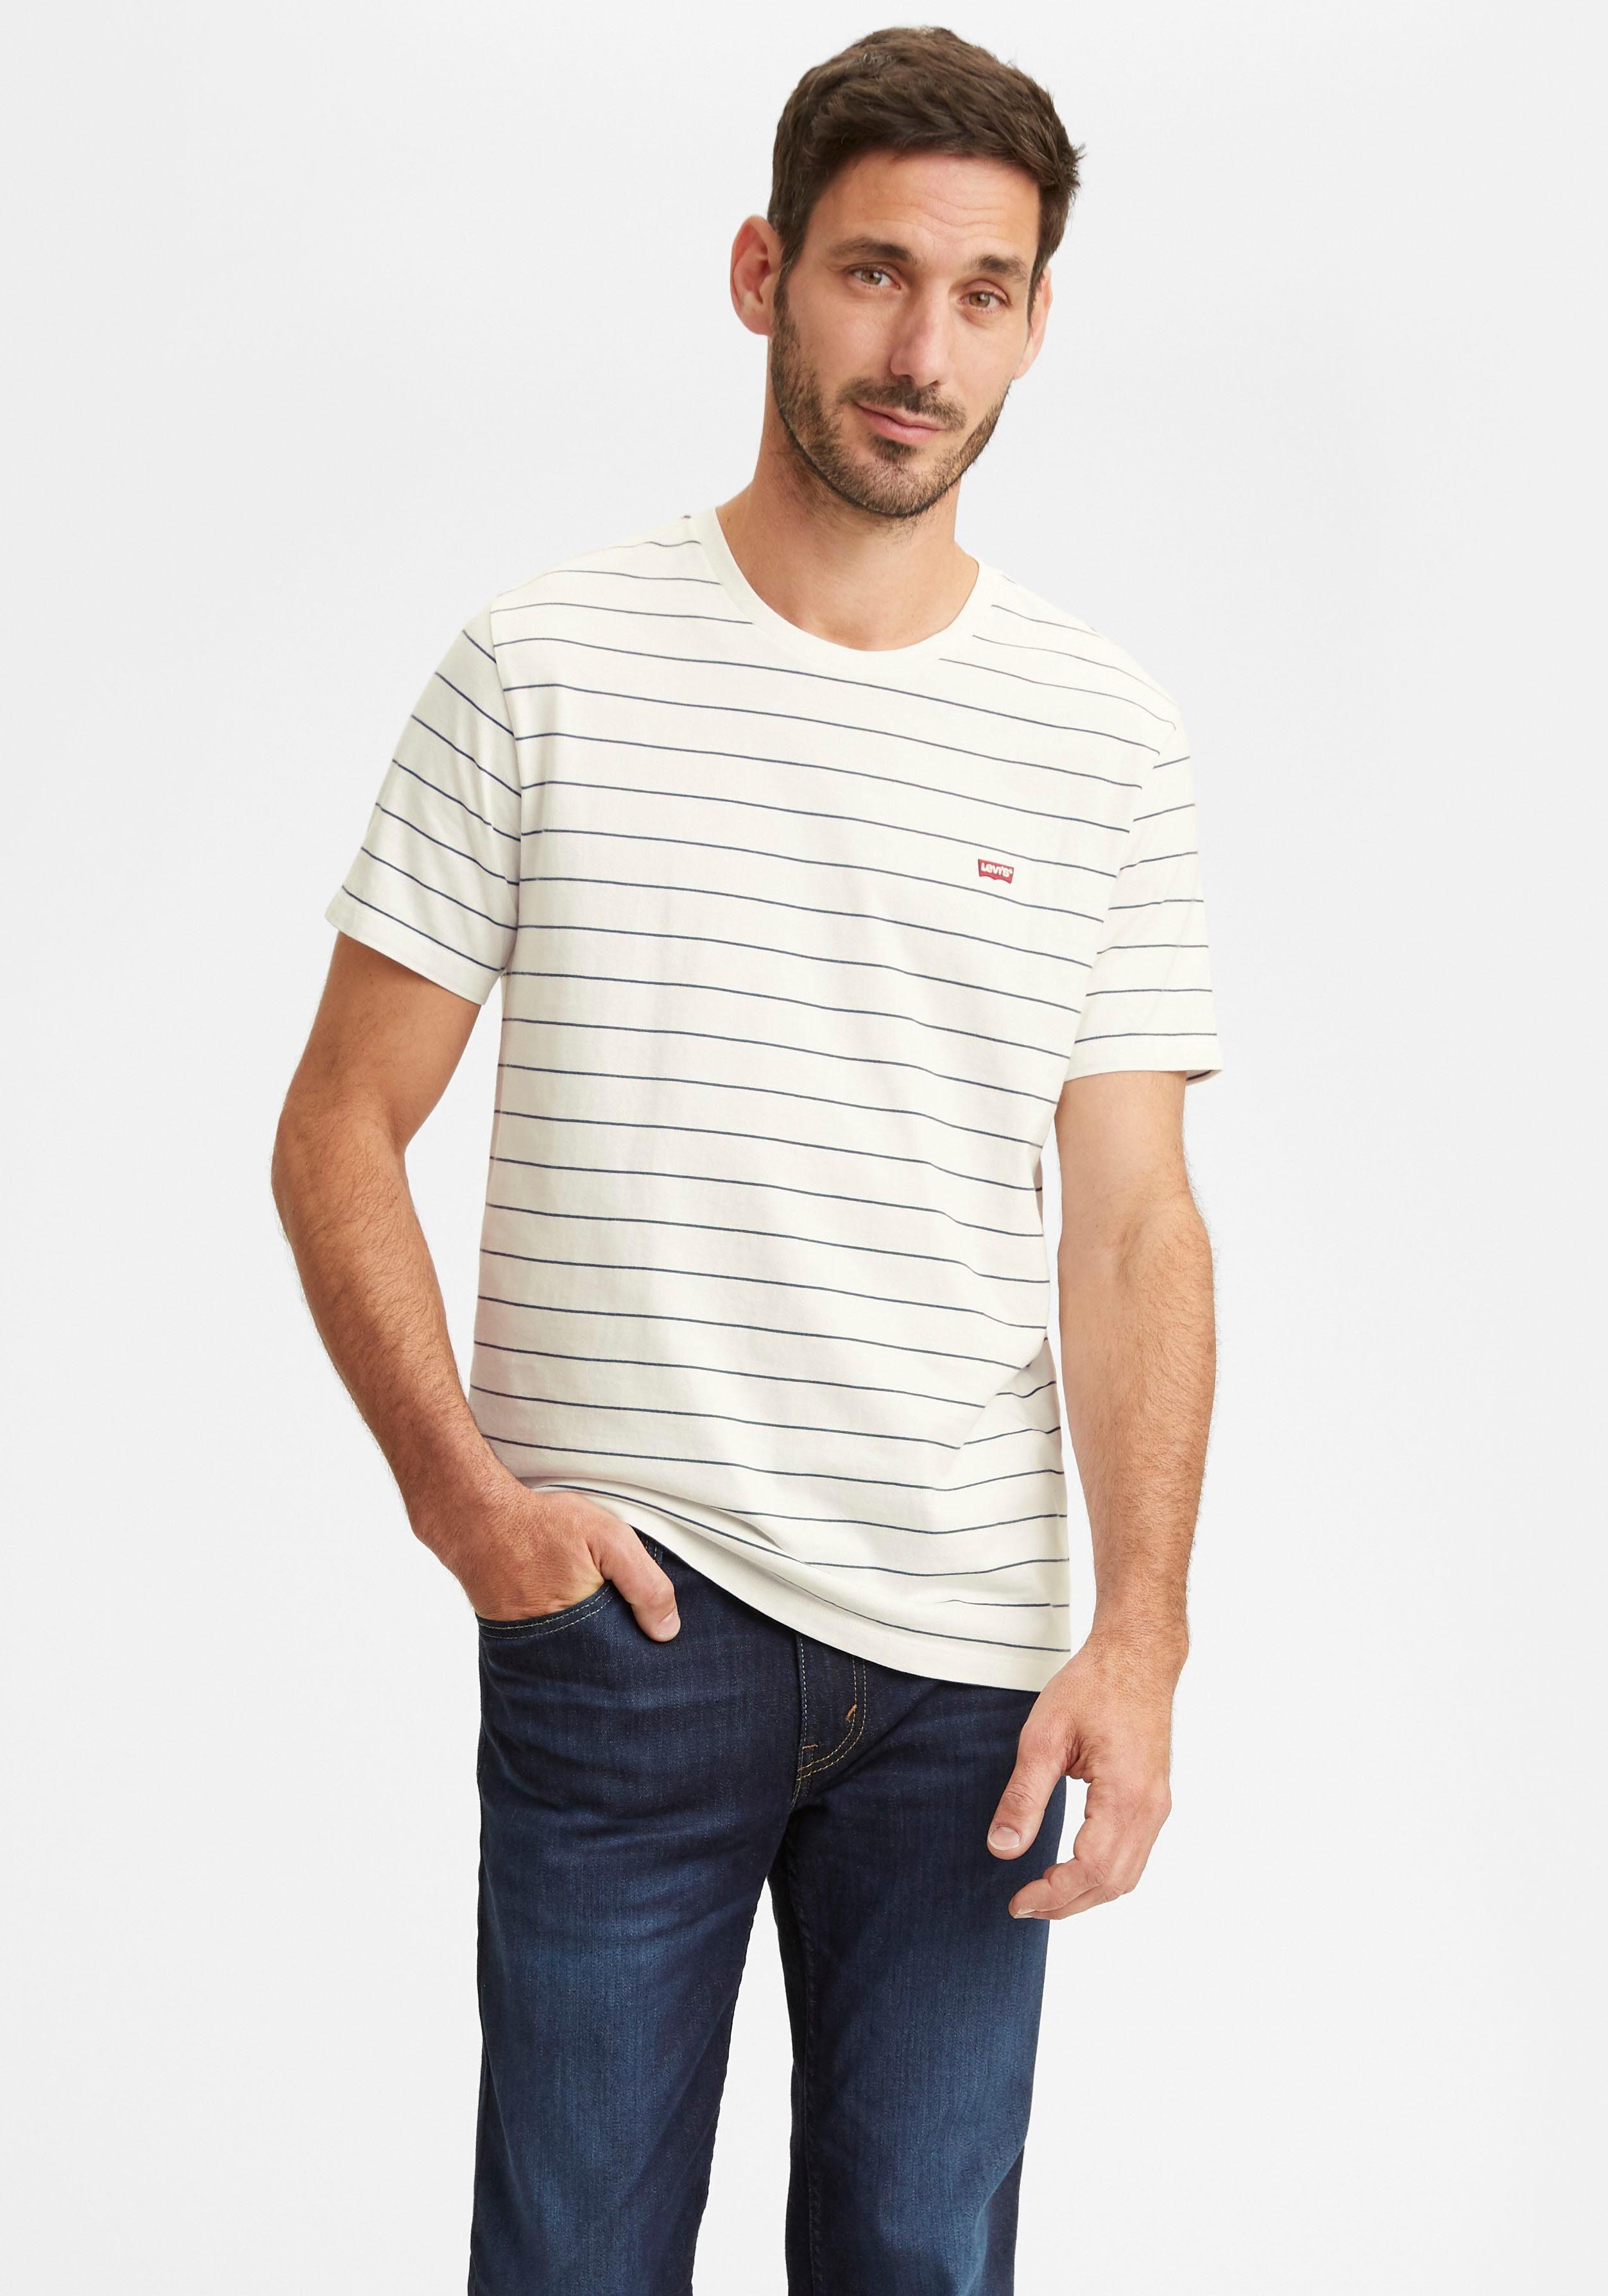 Levi's® T-shirt New Original Hm Crew Vind Je Bij - Geweldige Prijs